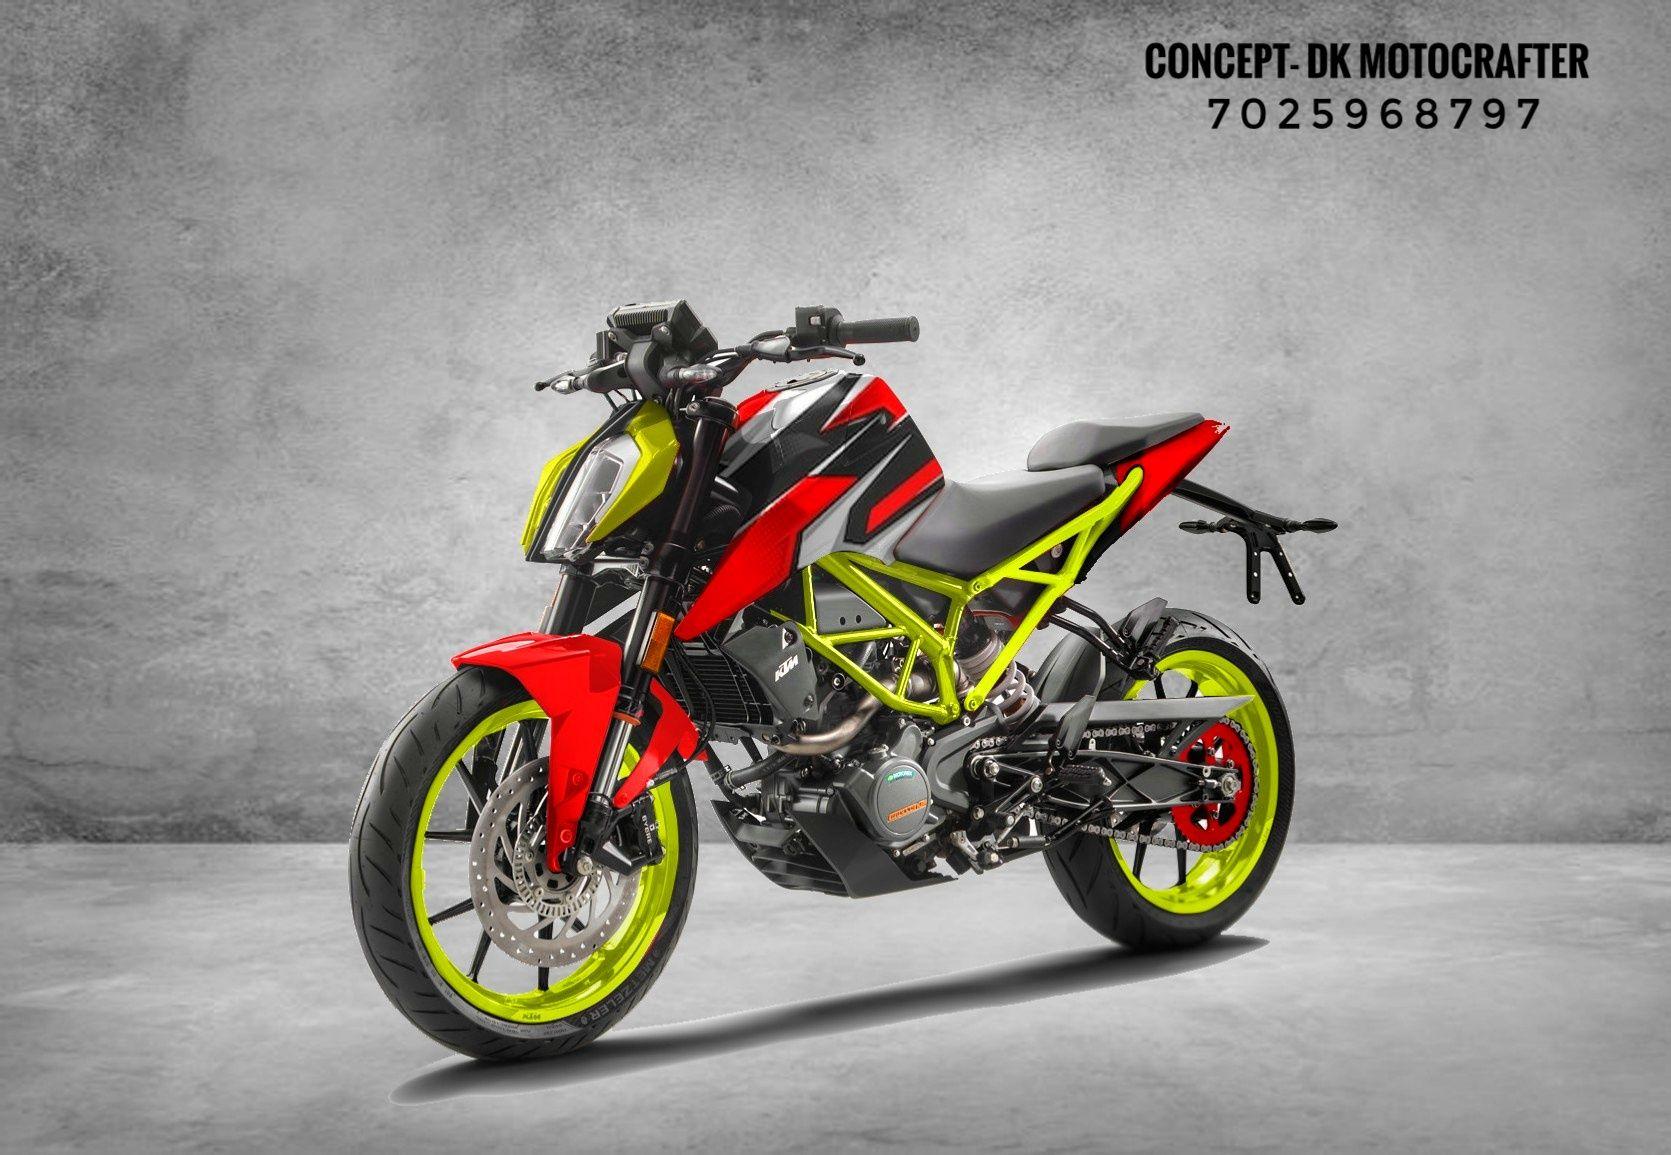 Ktm Duke 250 125 Duke 250 125 390 Modified Duke Graphics Duke 250 New Skin Dk Motocrafter Degeesh Dk Ktm Ktm 125 Ktm 250